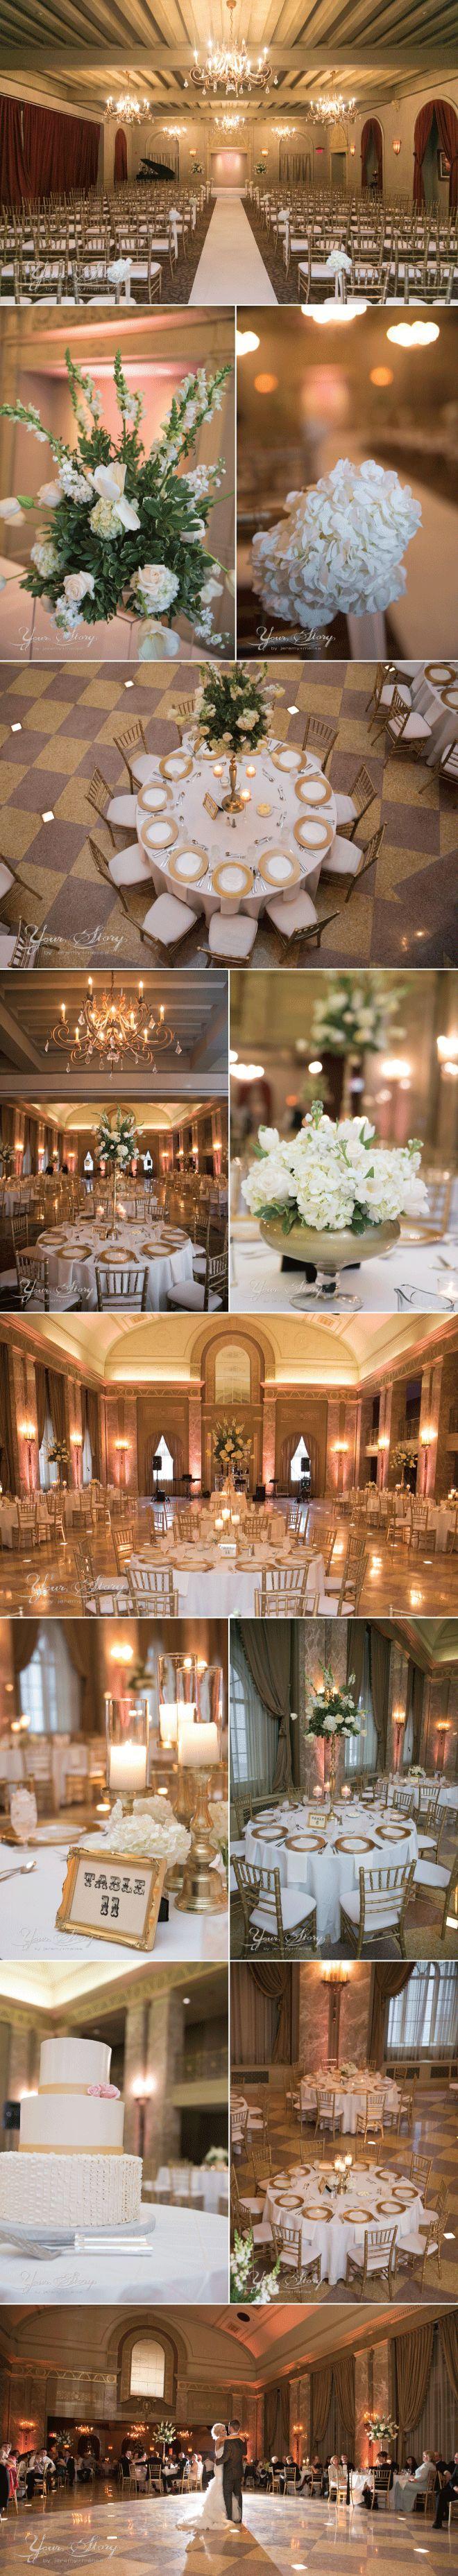 533 best St Louis Venues images on Pinterest | St louis, Wedding ...